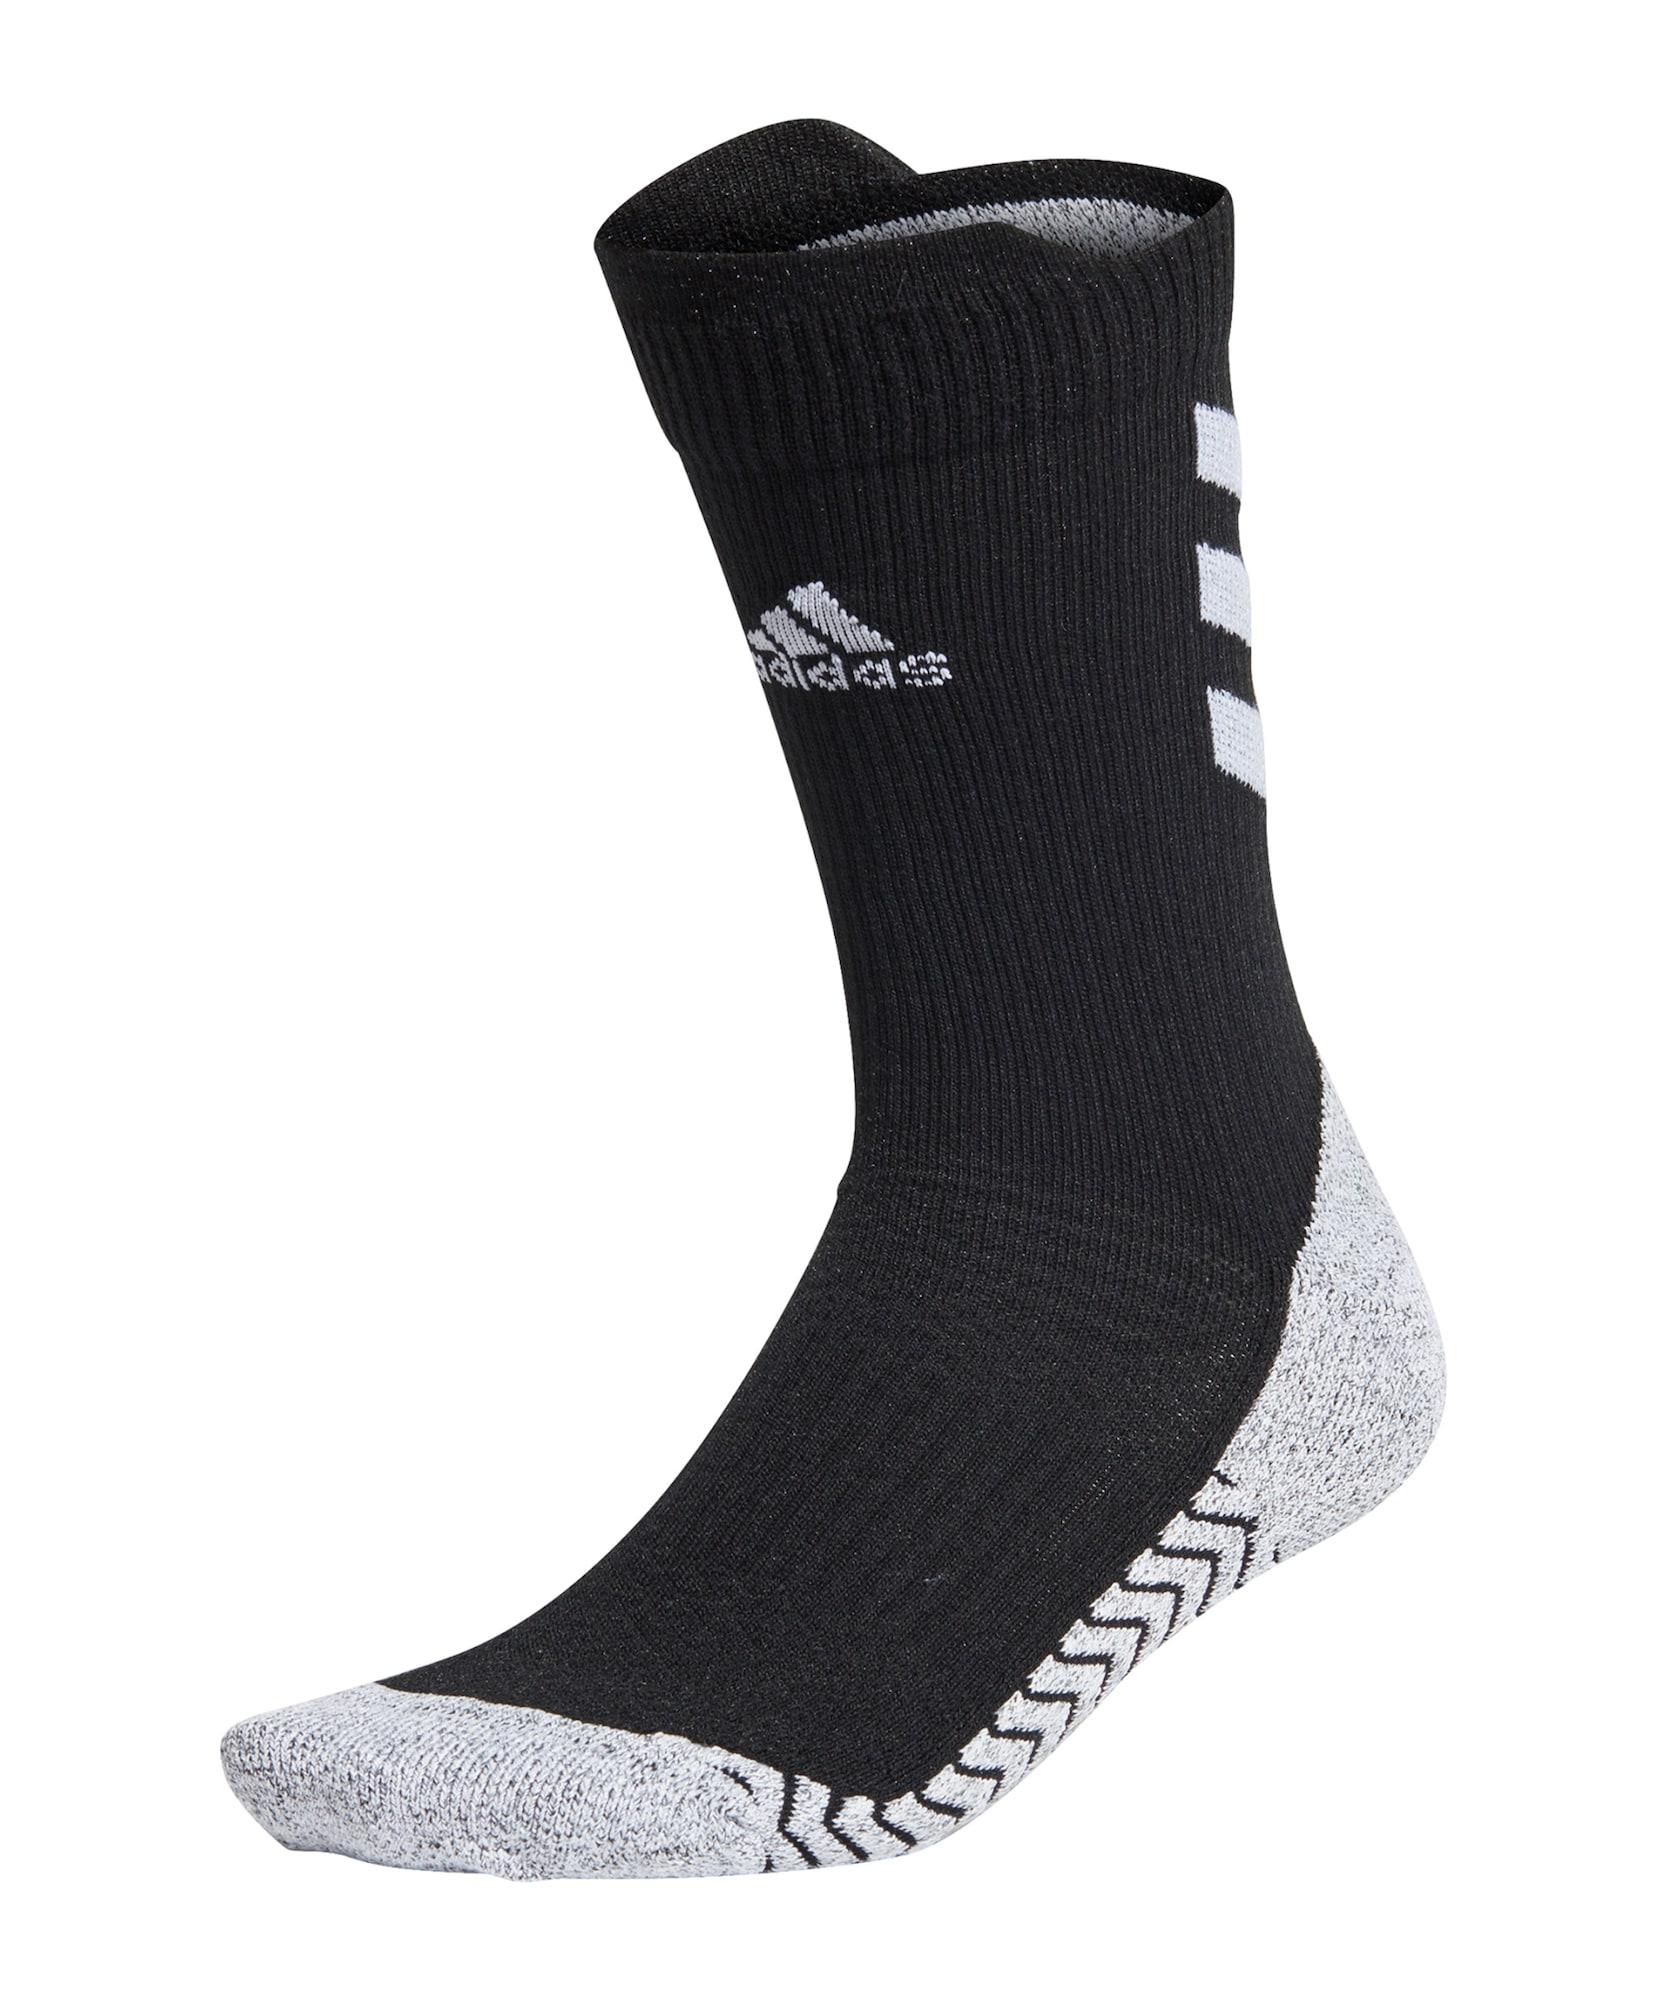 ADIDAS PERFORMANCE Sportinės kojinės 'ALPHASKIN' juoda / pilka